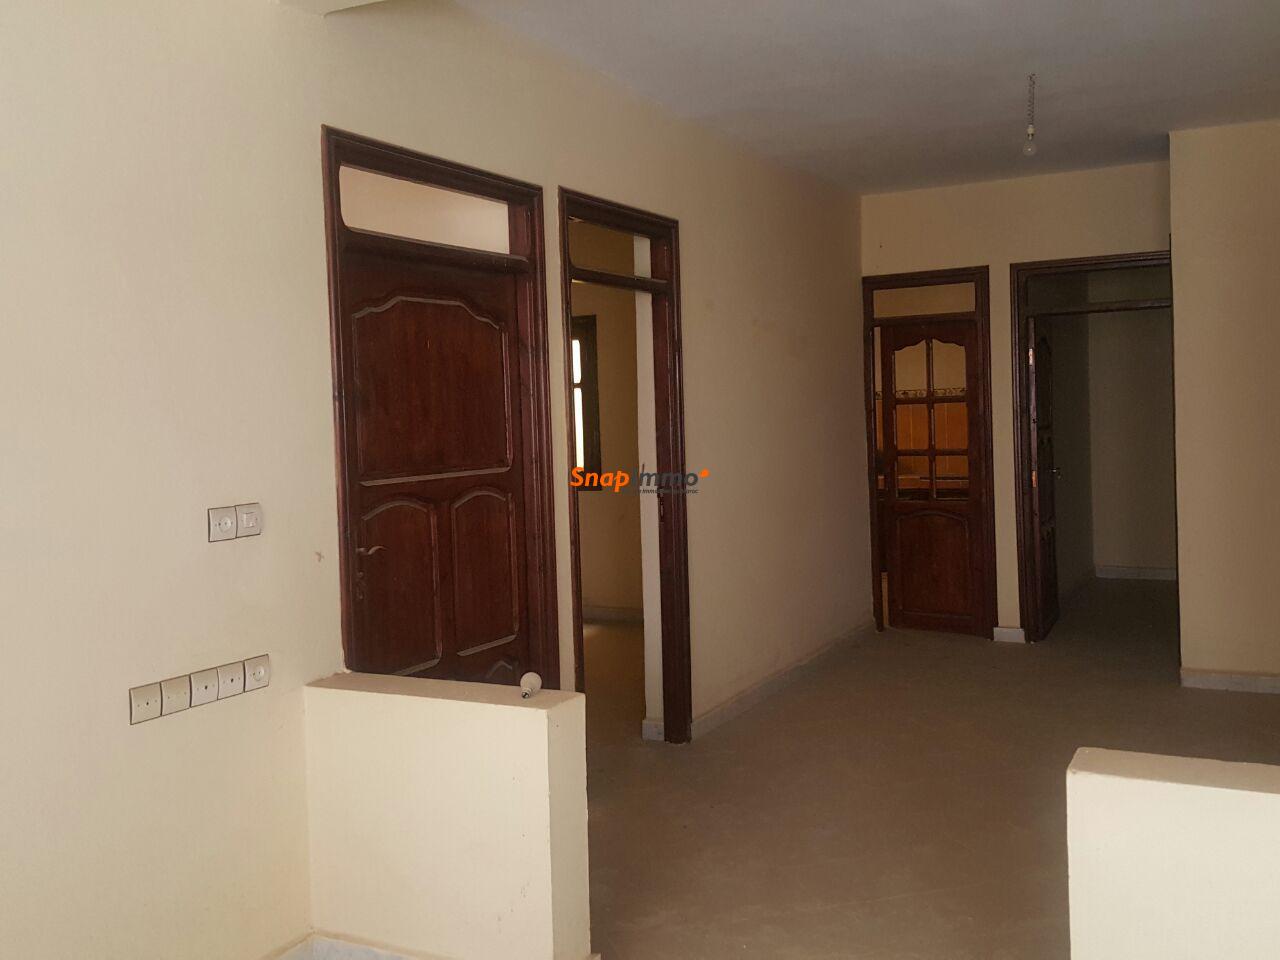 maison à vendre 100 m² à ouazzane - 2/6